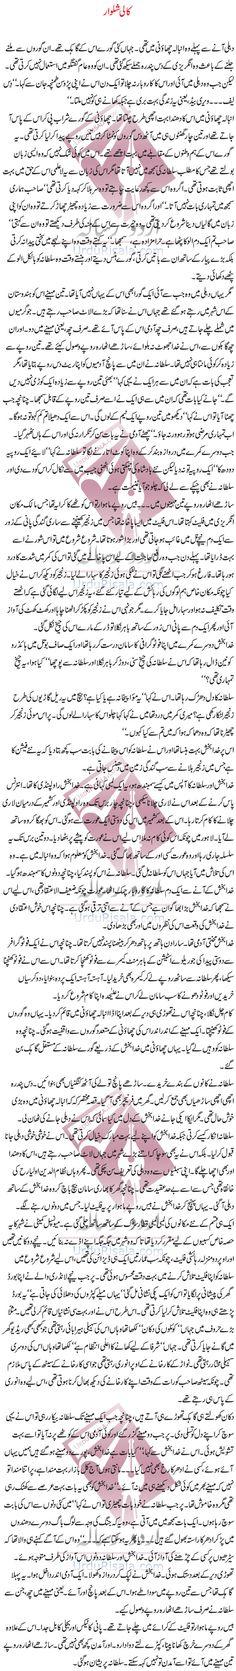 kali shalwar by saadat hasan manto pdf free 90